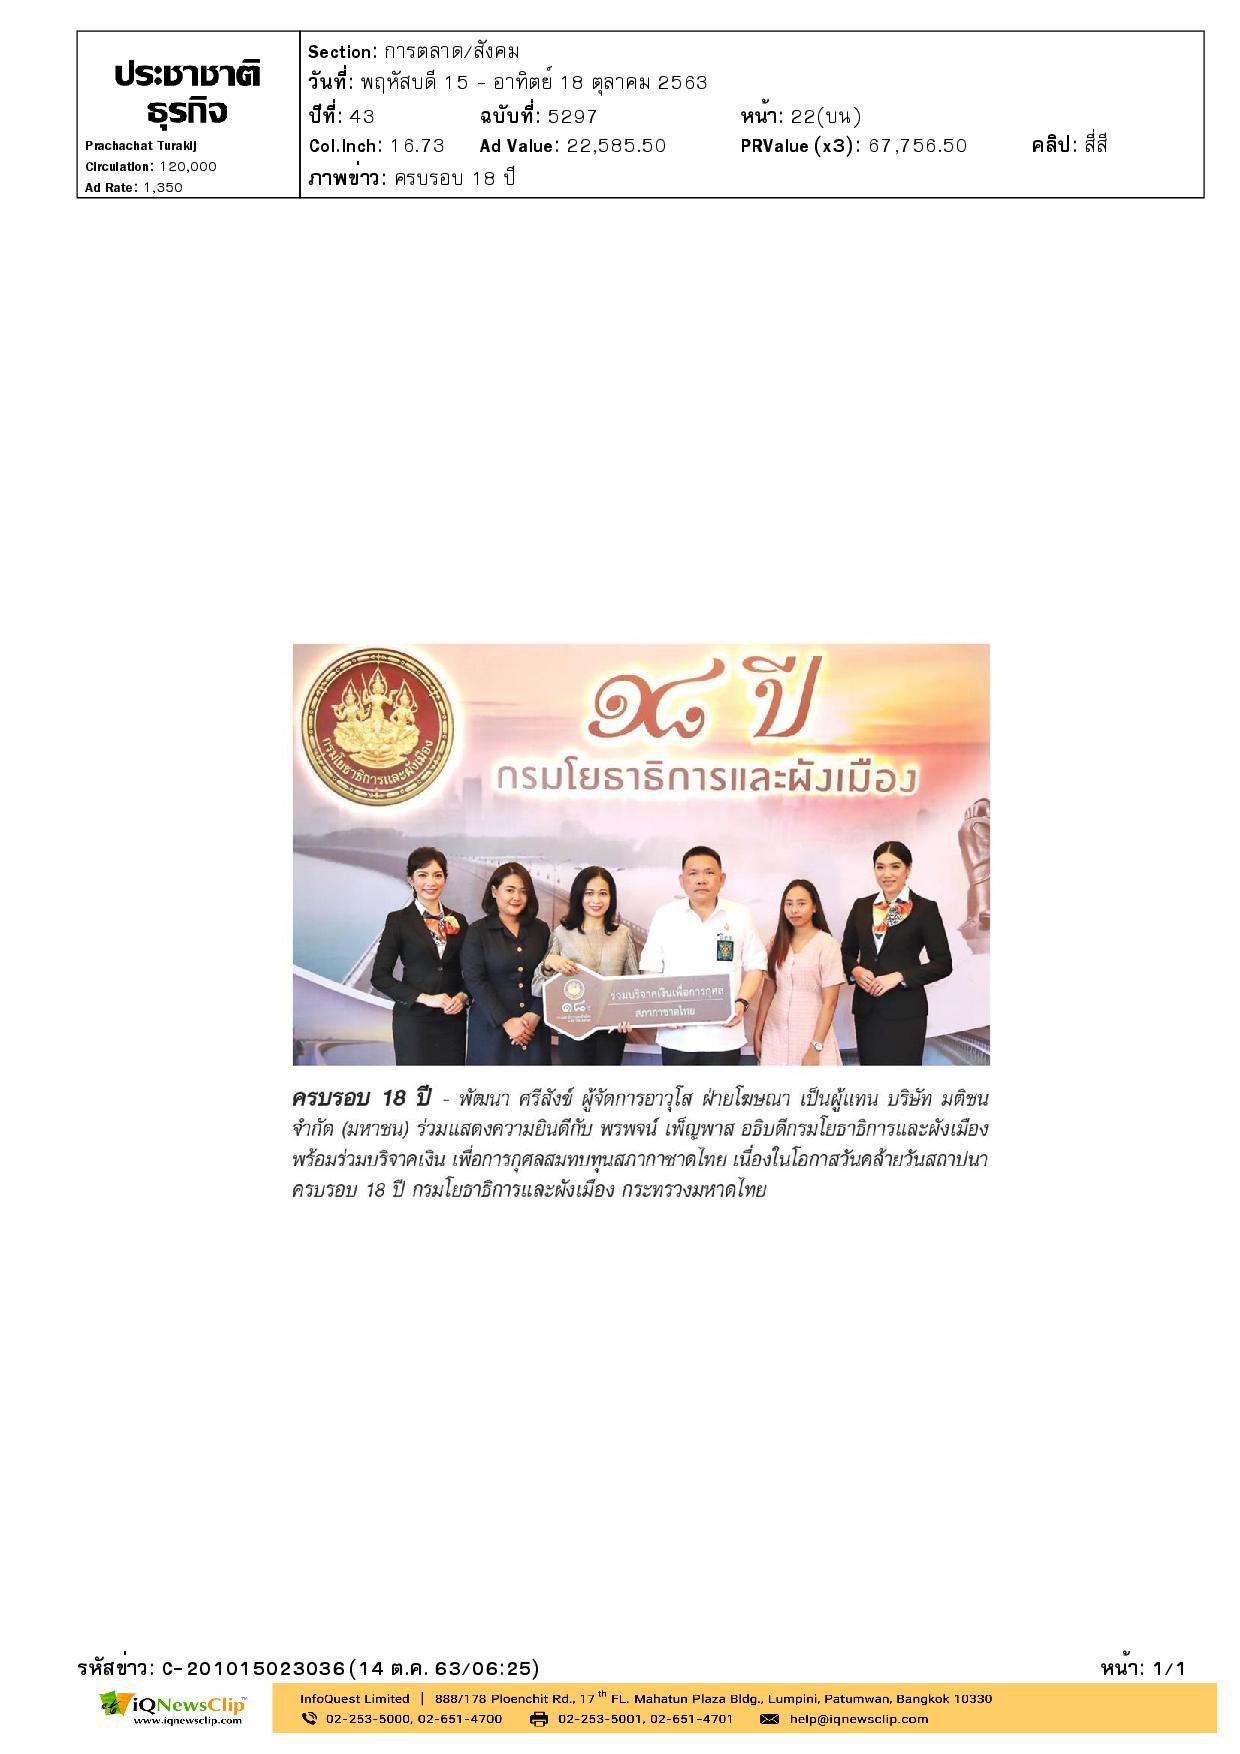 บริจาคเงินสมทบทุนสภากาชาดไทย